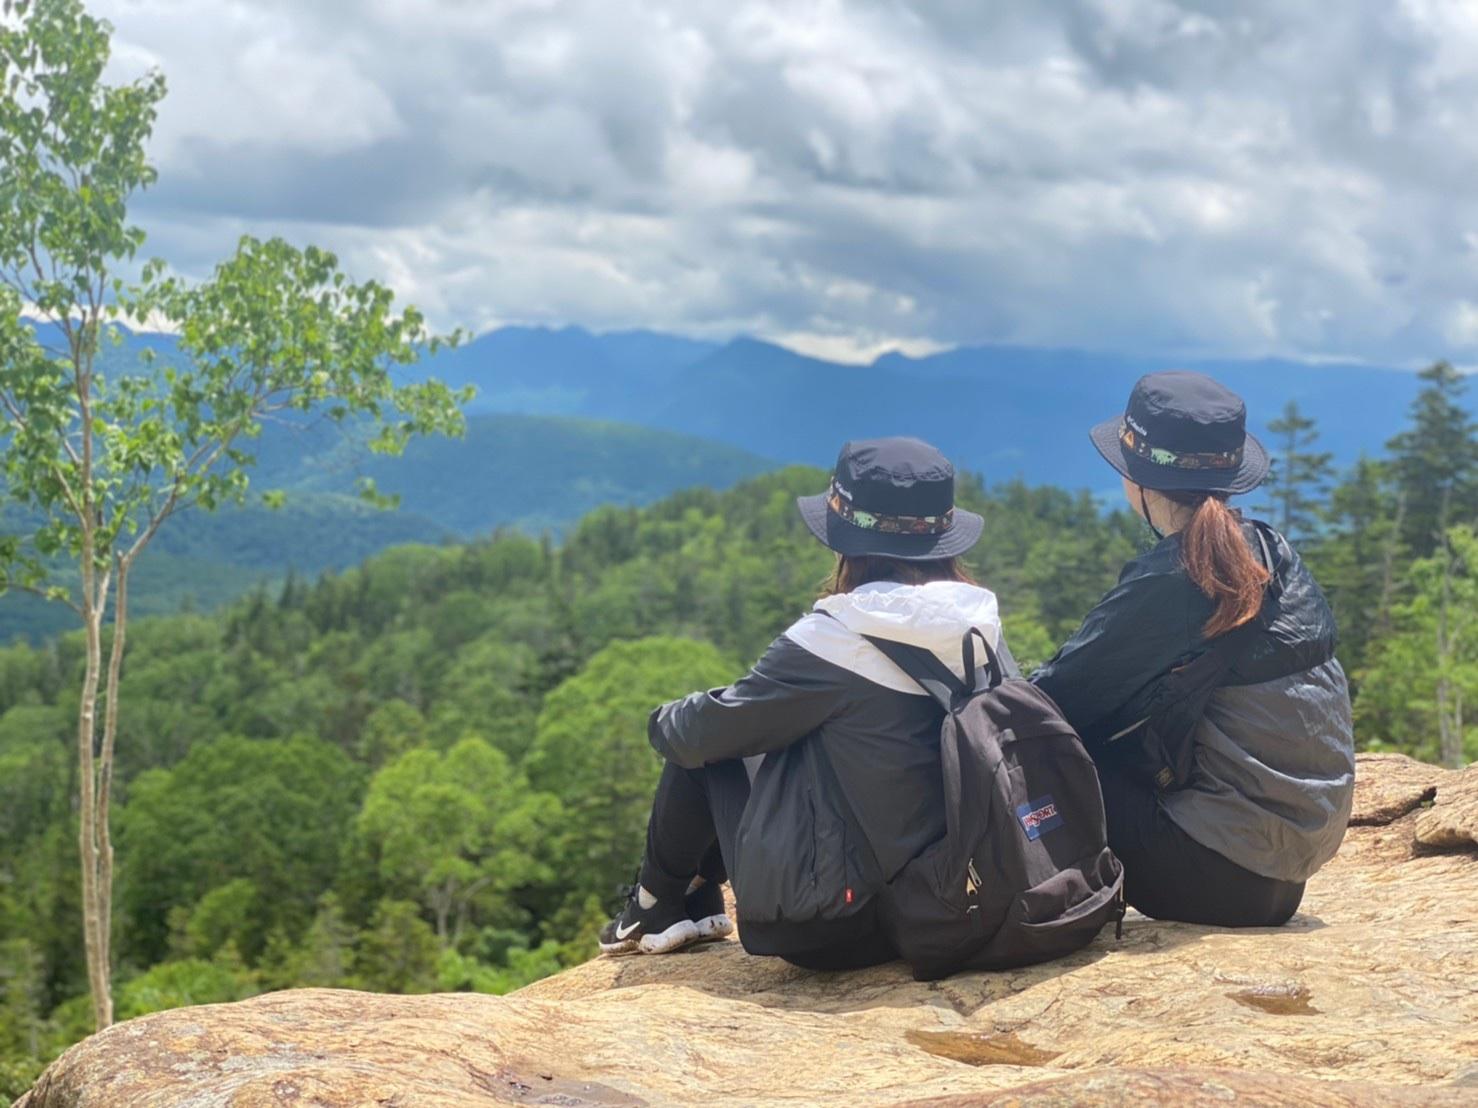 【ハイキング】尾瀬で自然を感じる山登り_2